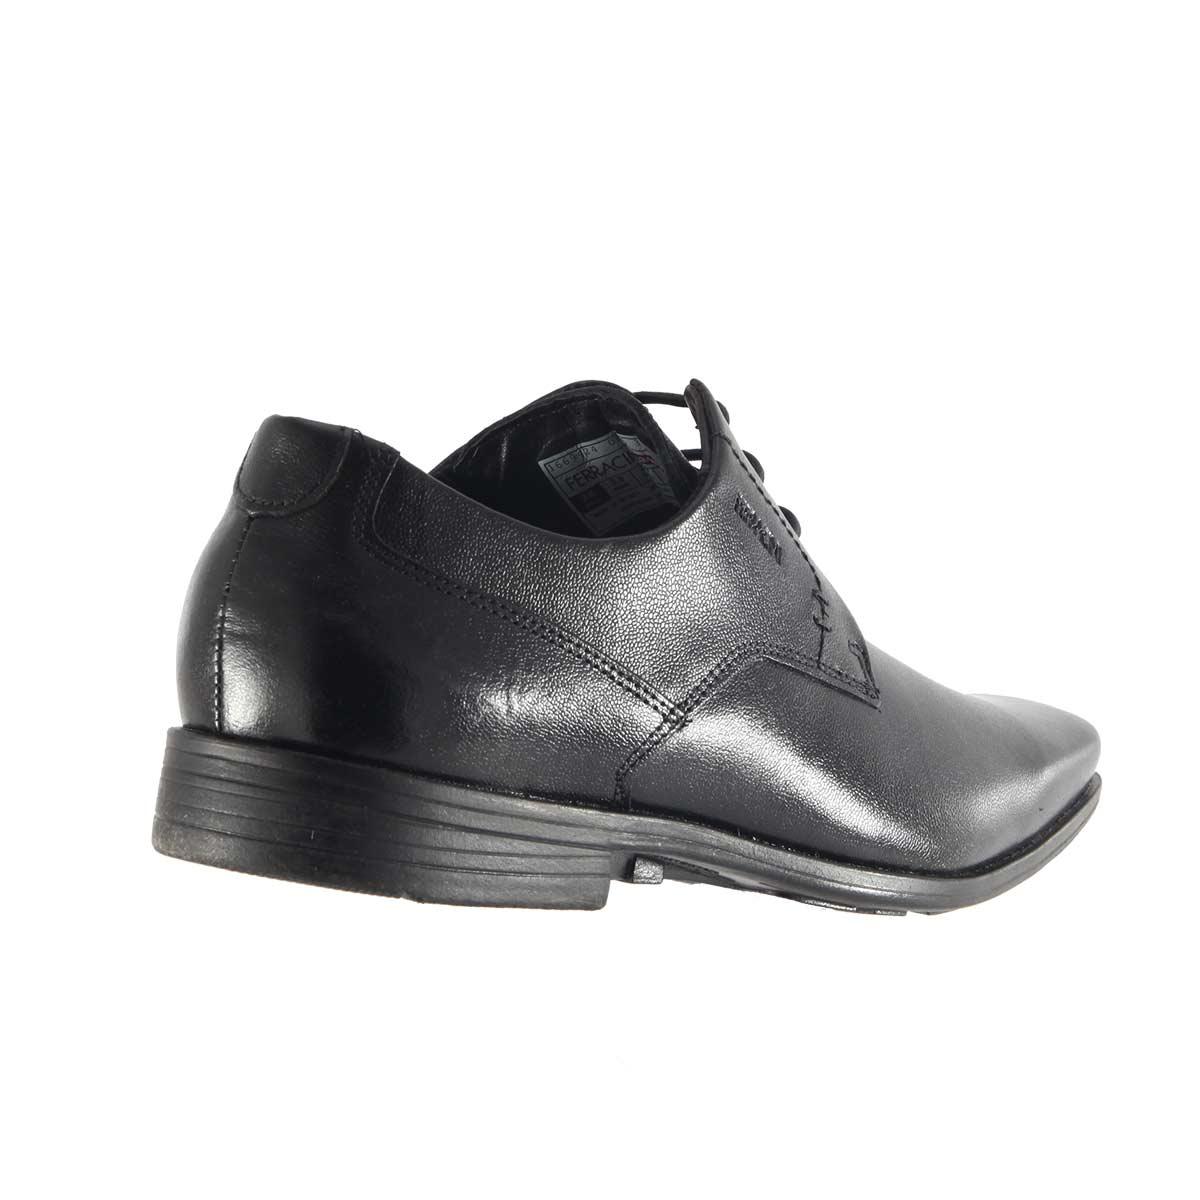 Sapato Ferracini Social Masculino Couro M3 3586-288G